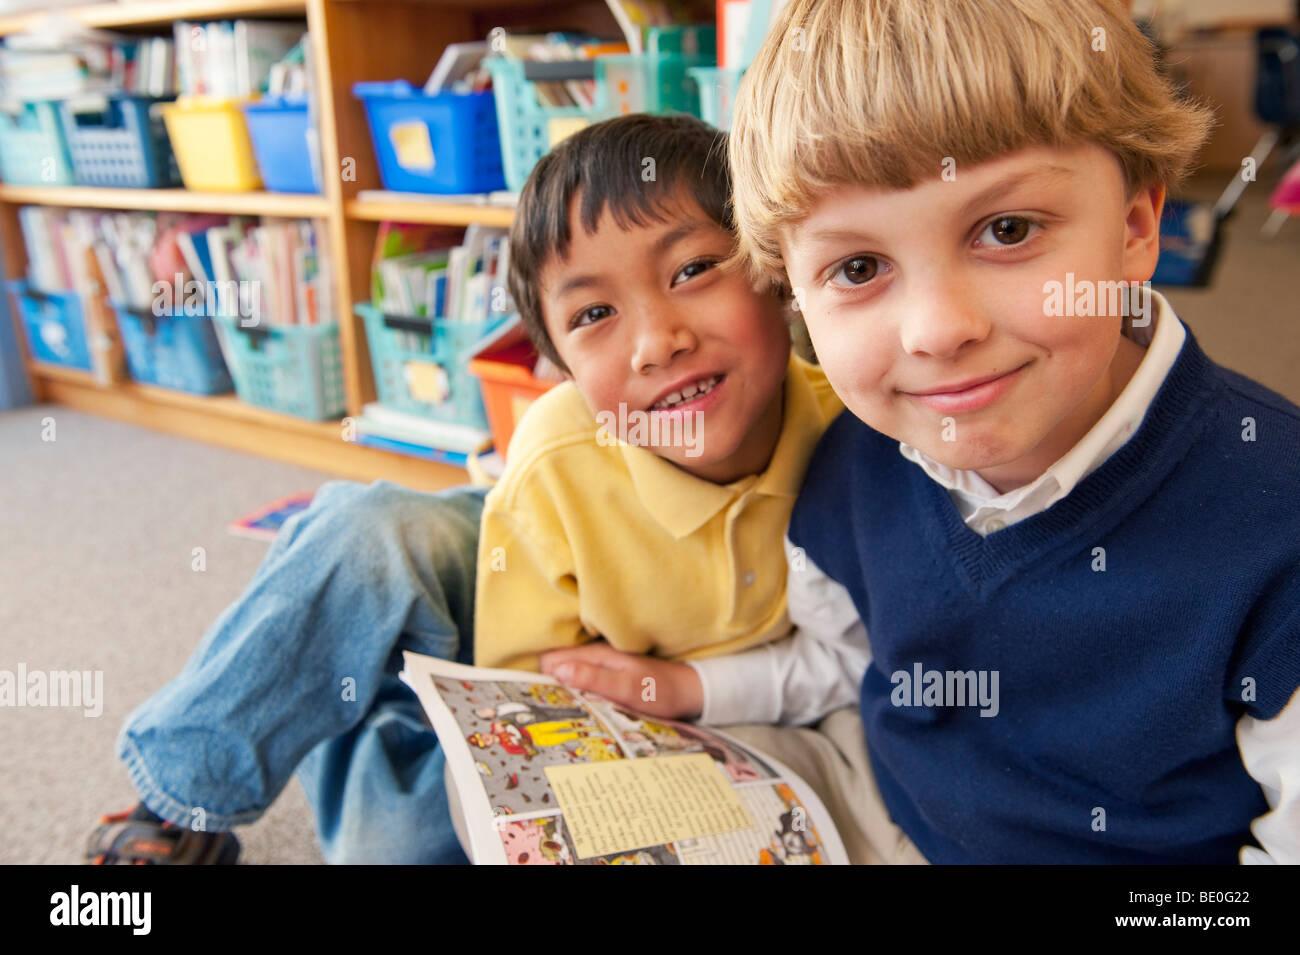 Los estudiantes lean libros juntos Imagen De Stock